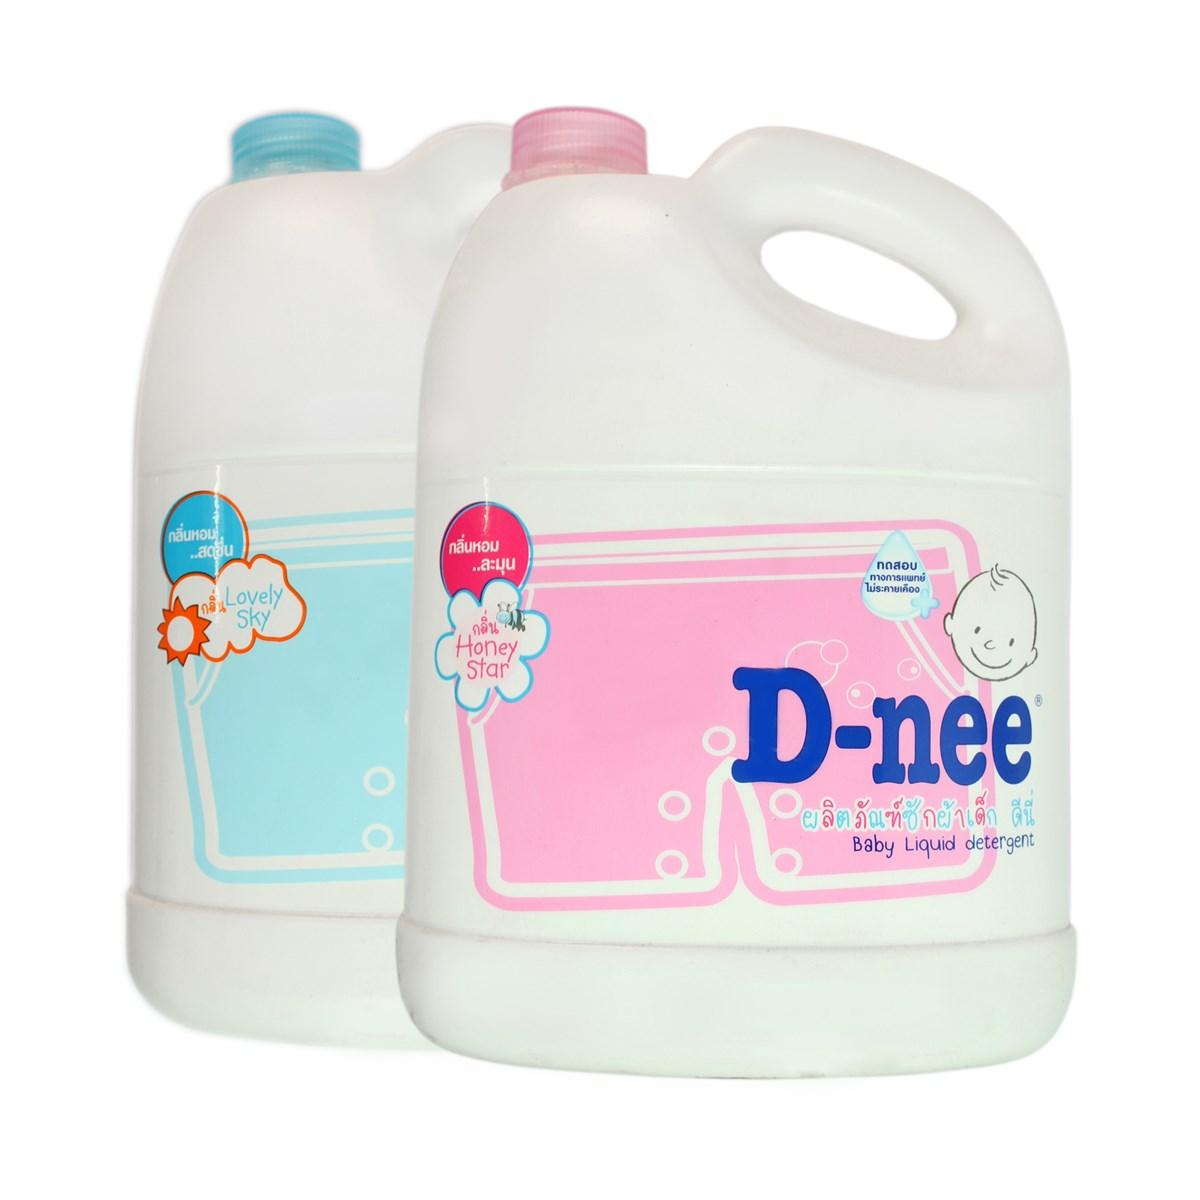 Nược giặt xả Dnee